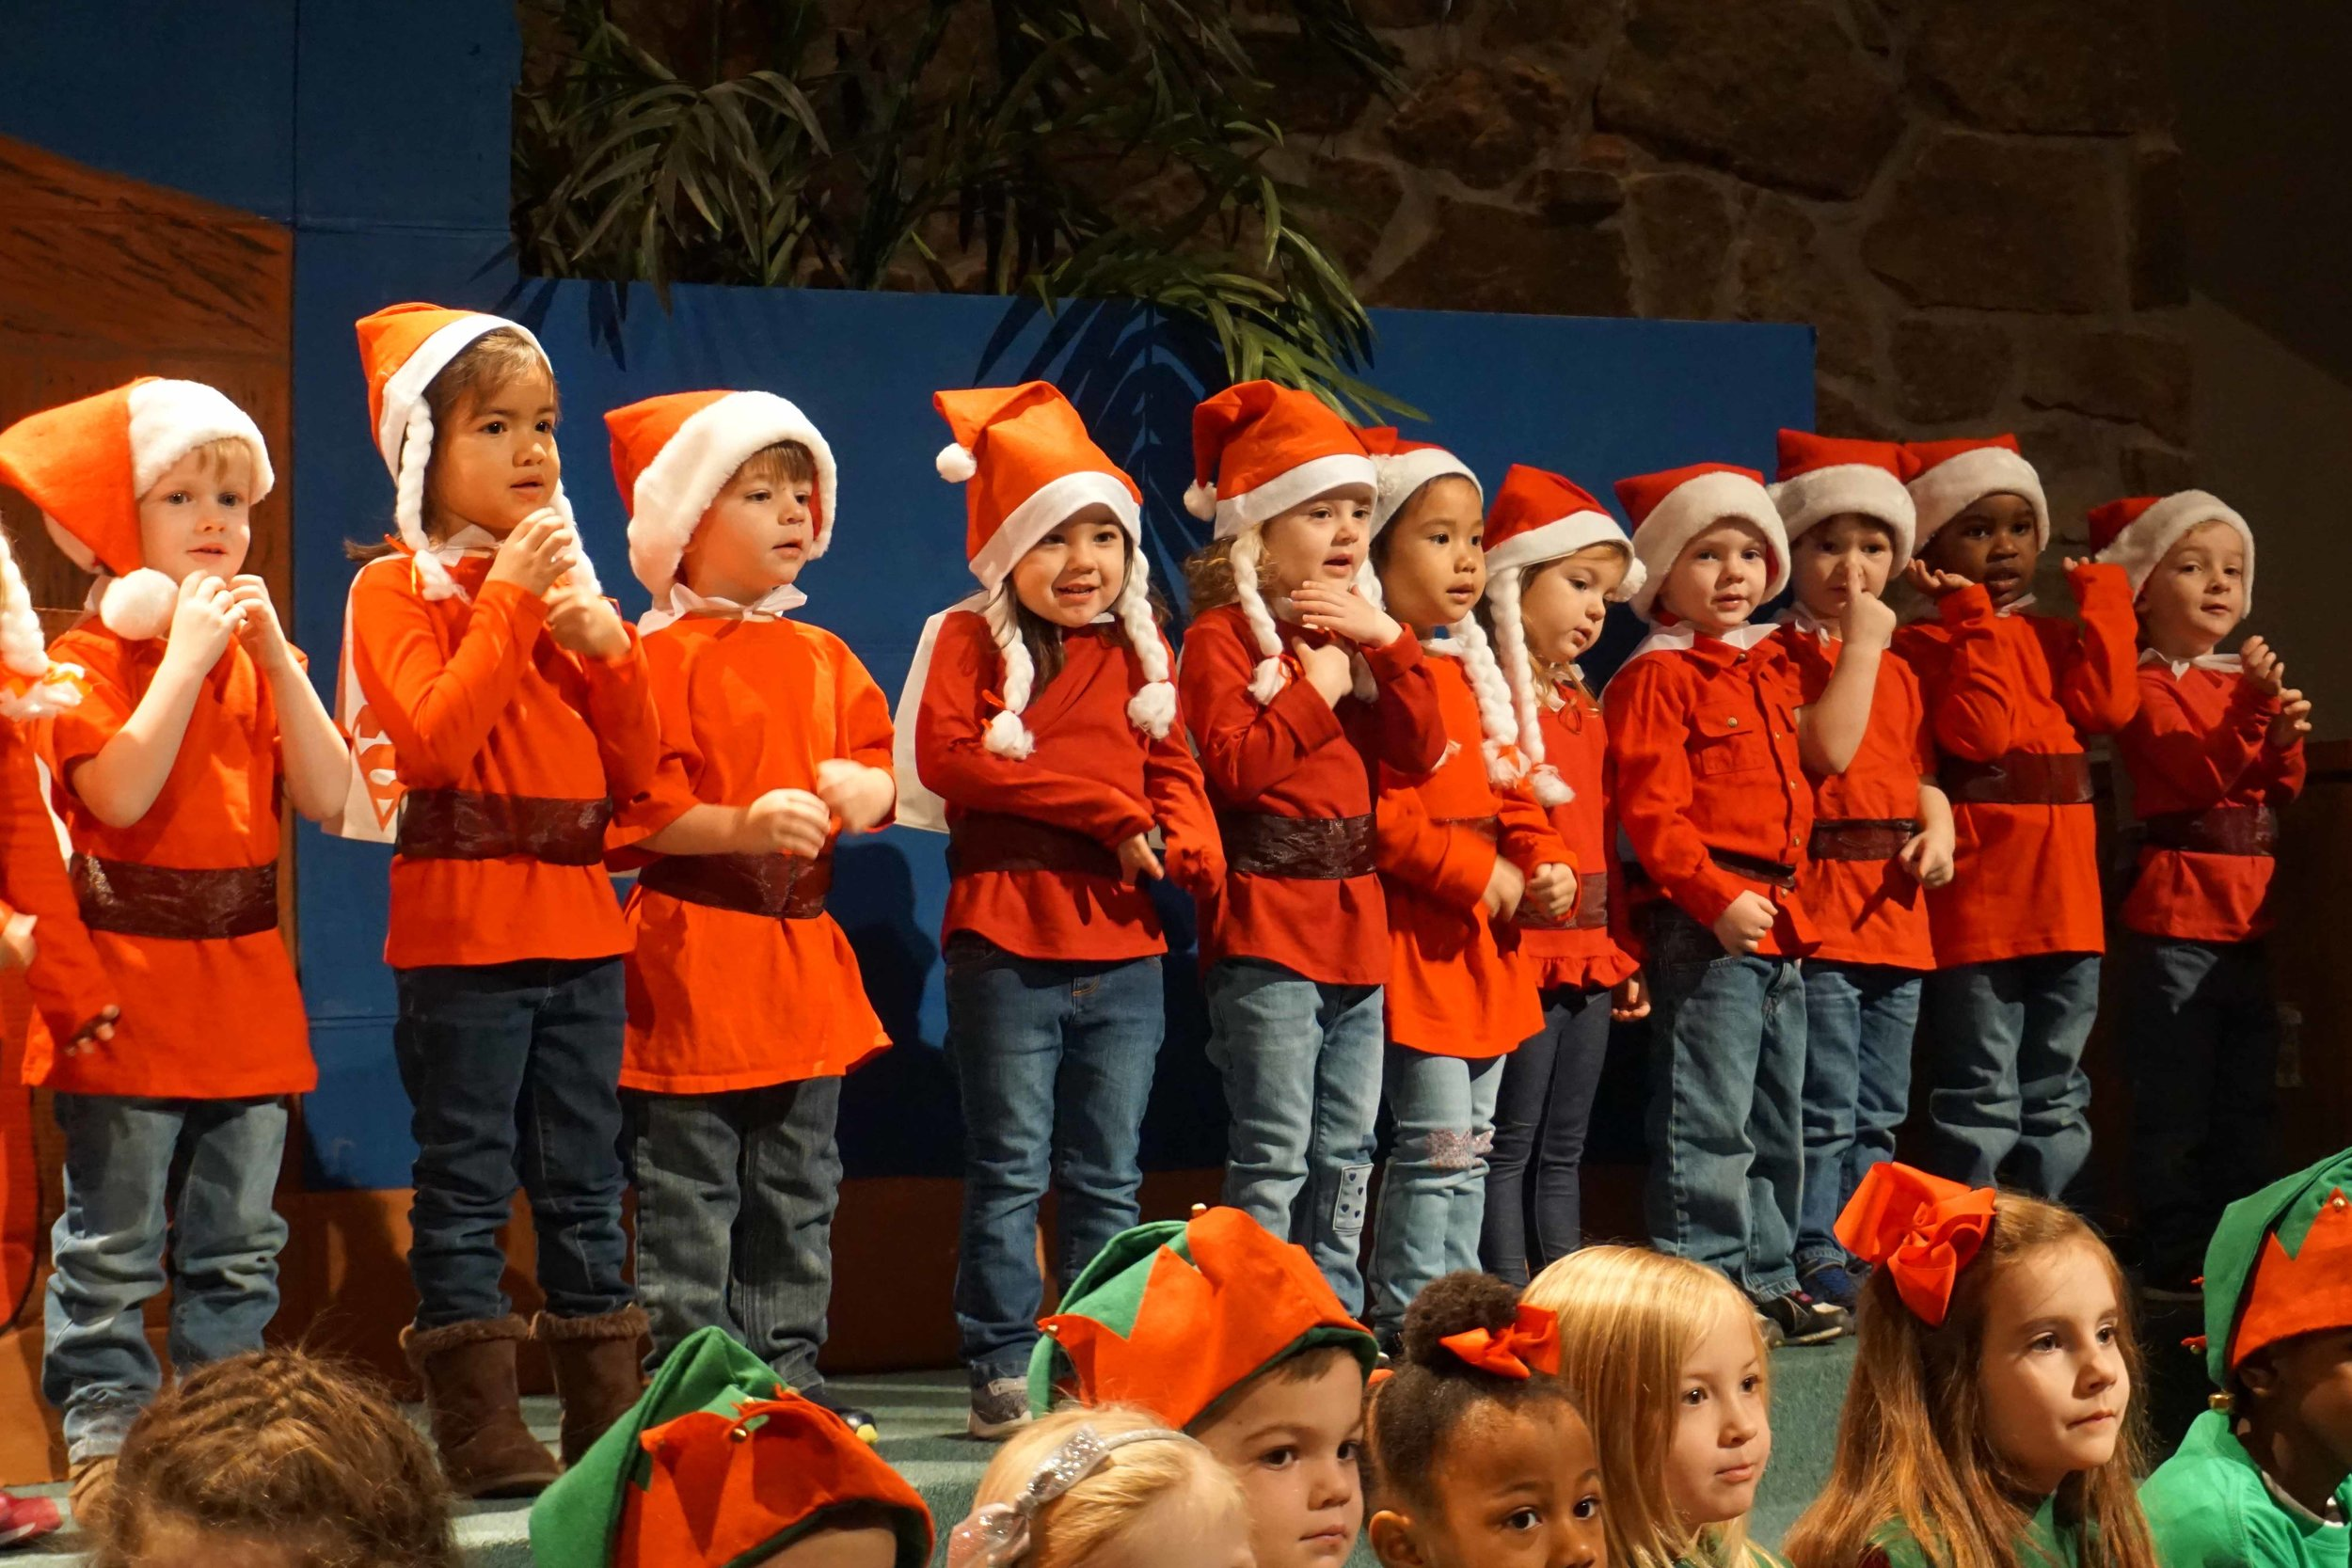 Dec13 WSLH ChristmasProgramJungle&OceanRooms20.jpg